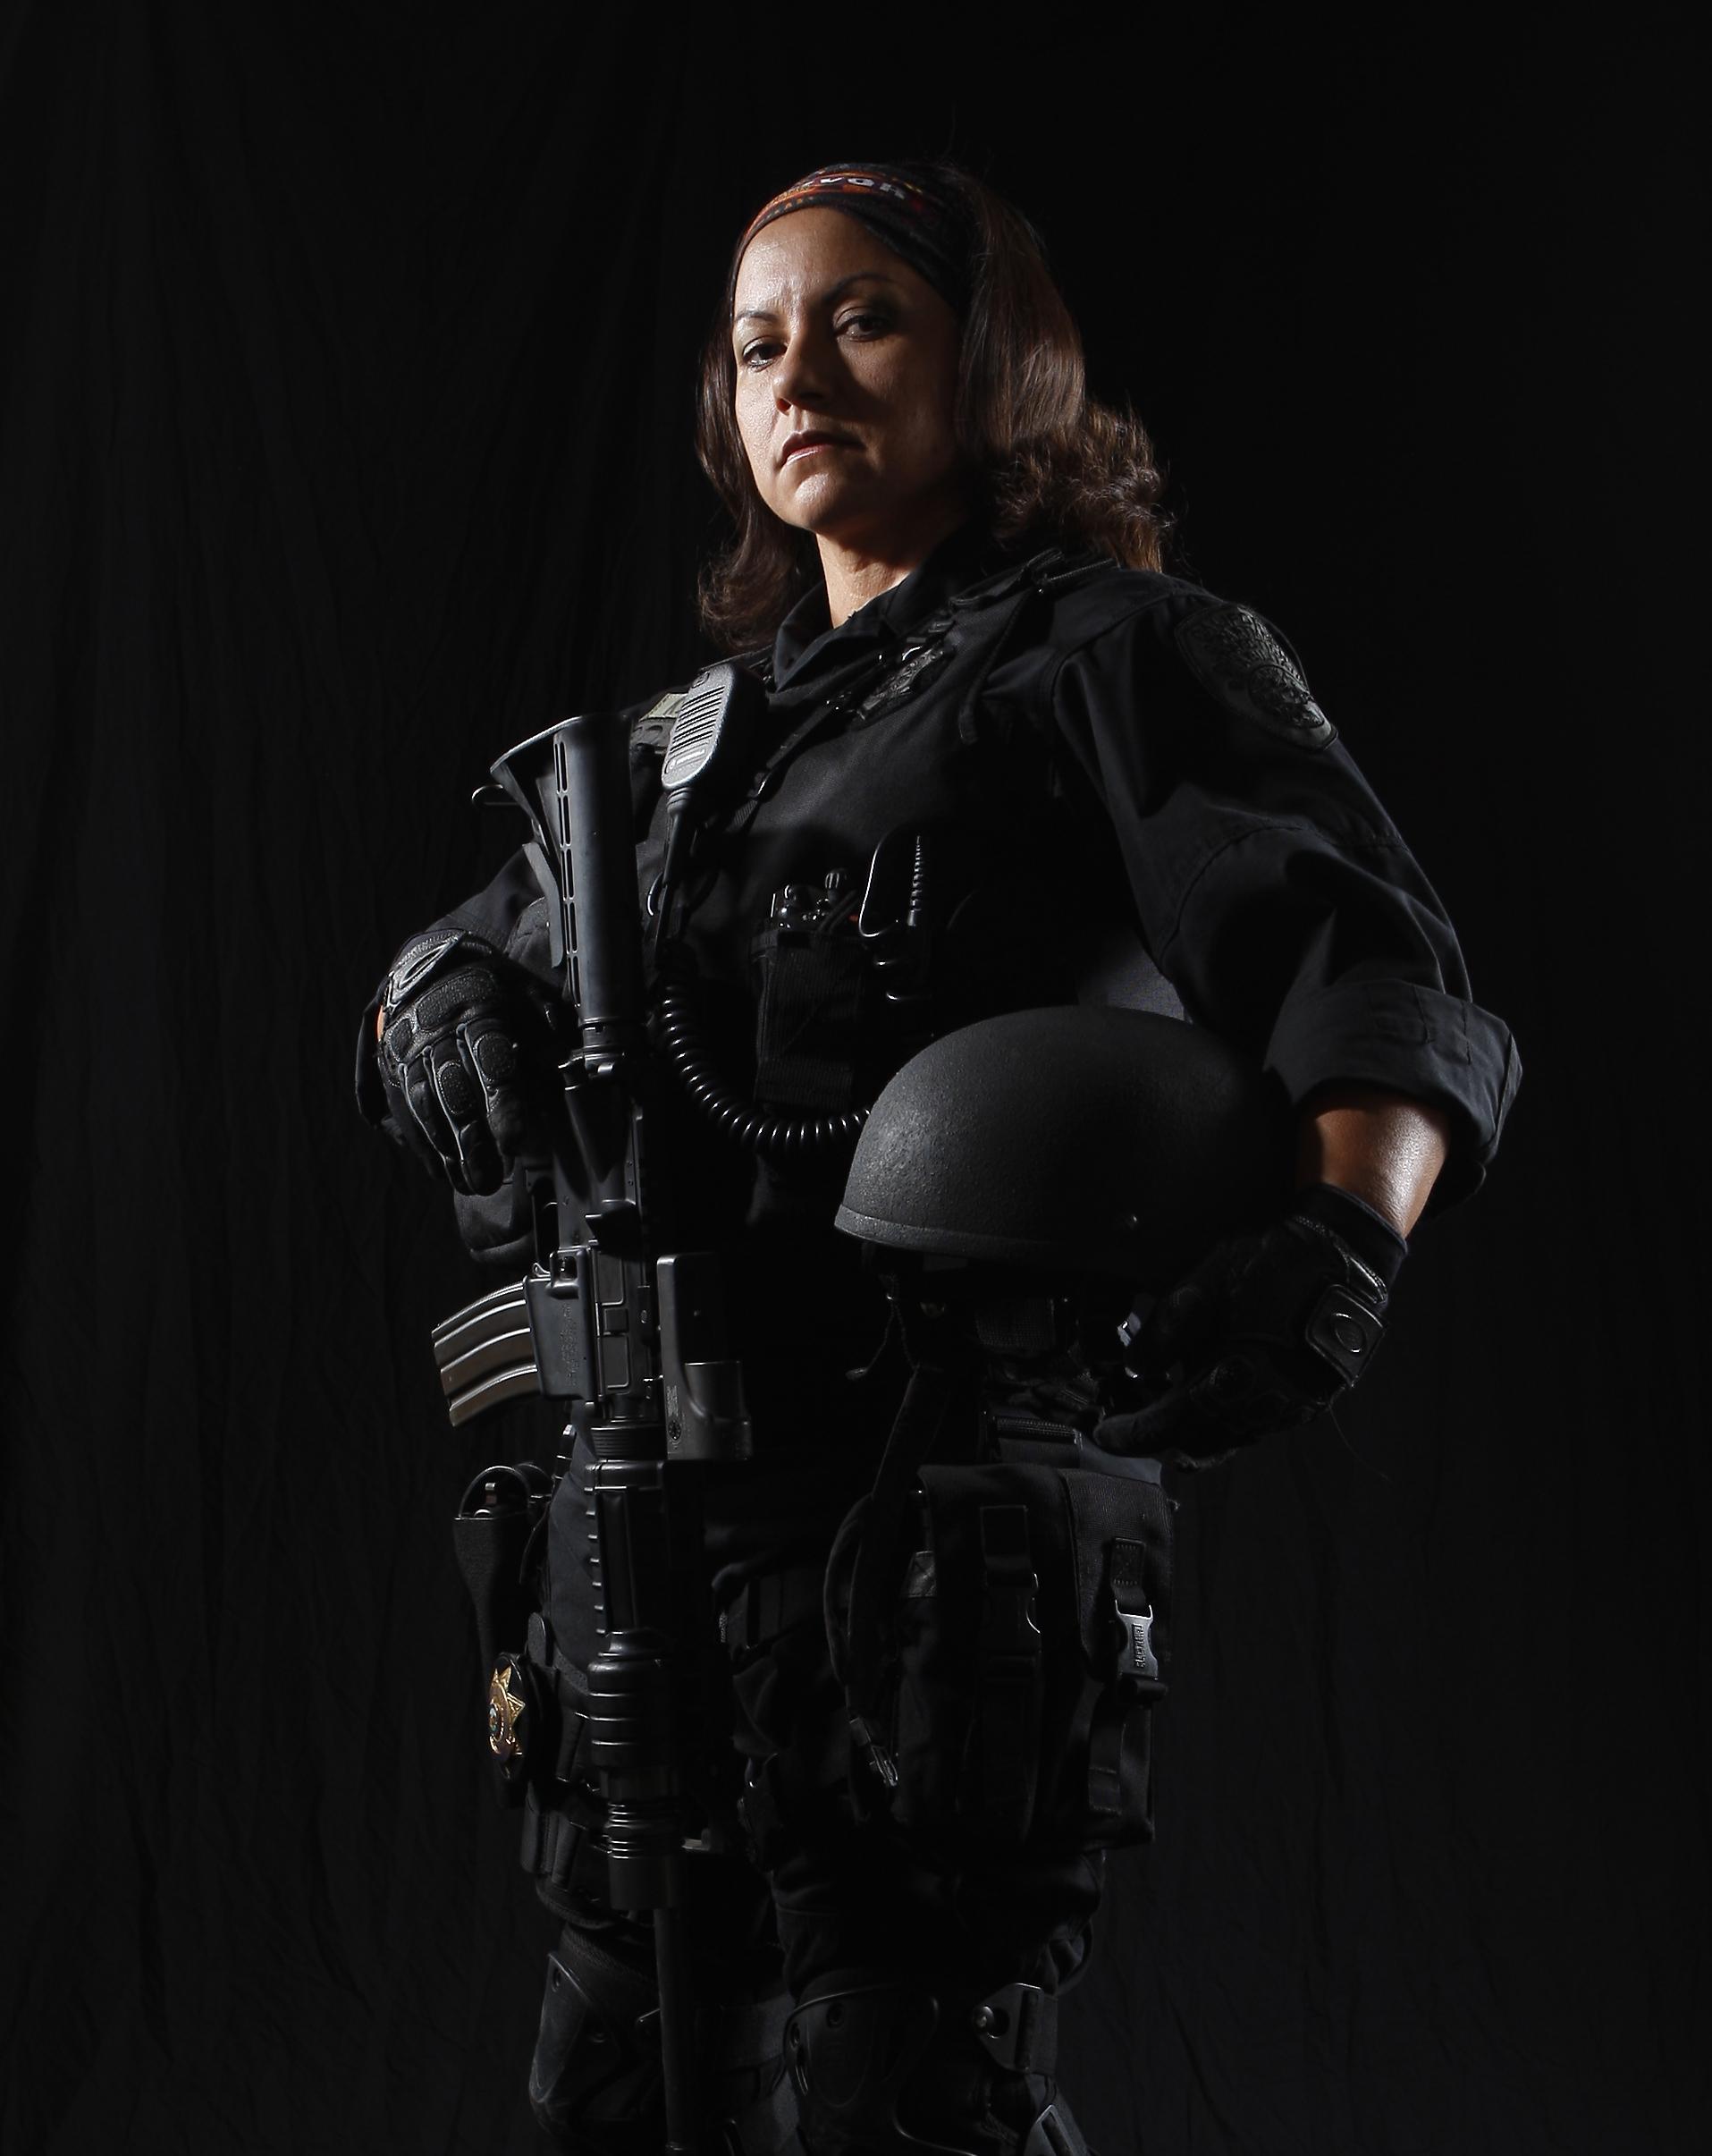 Agent Karen Mory in tactical gear uniform